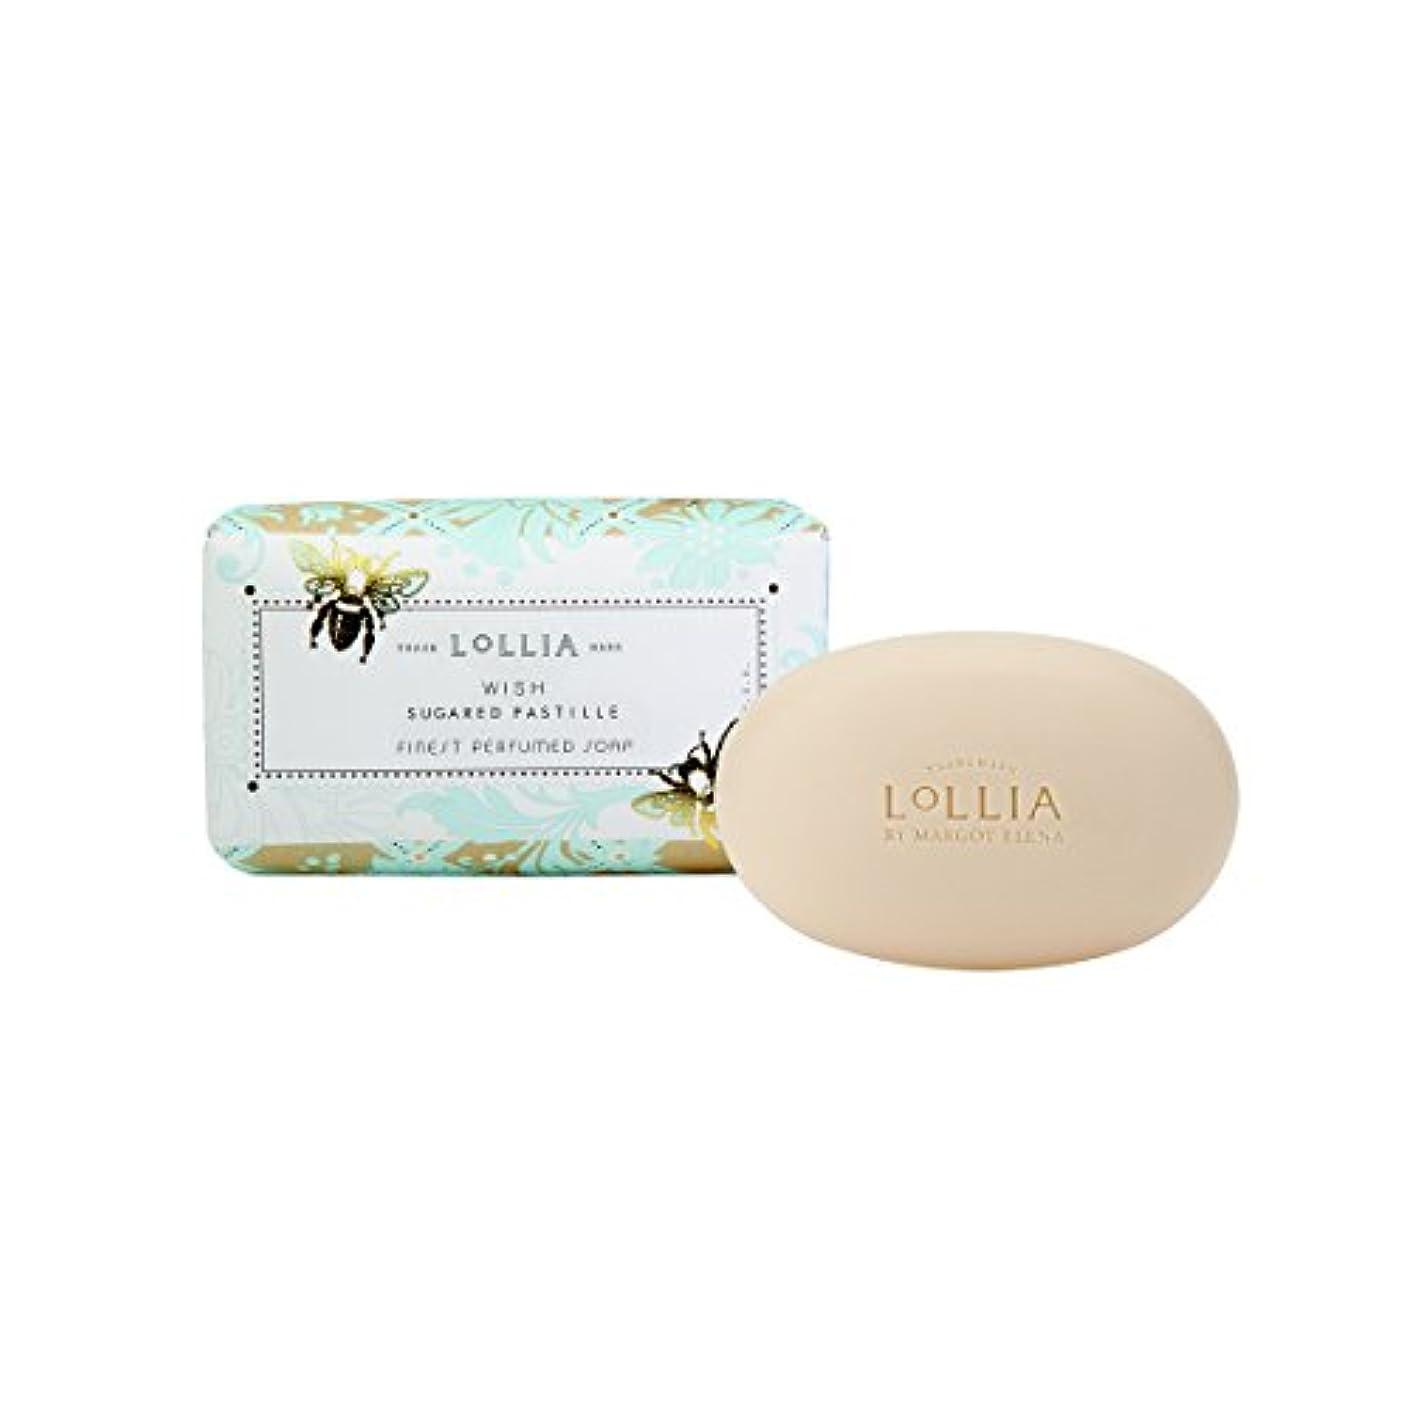 圧力刈るから聞くロリア(LoLLIA) フレグランスソープ140g Wish(化粧石けん 全身用洗浄料 ジャスミン、イランイラン、アンバー、ベルガモットの香り)